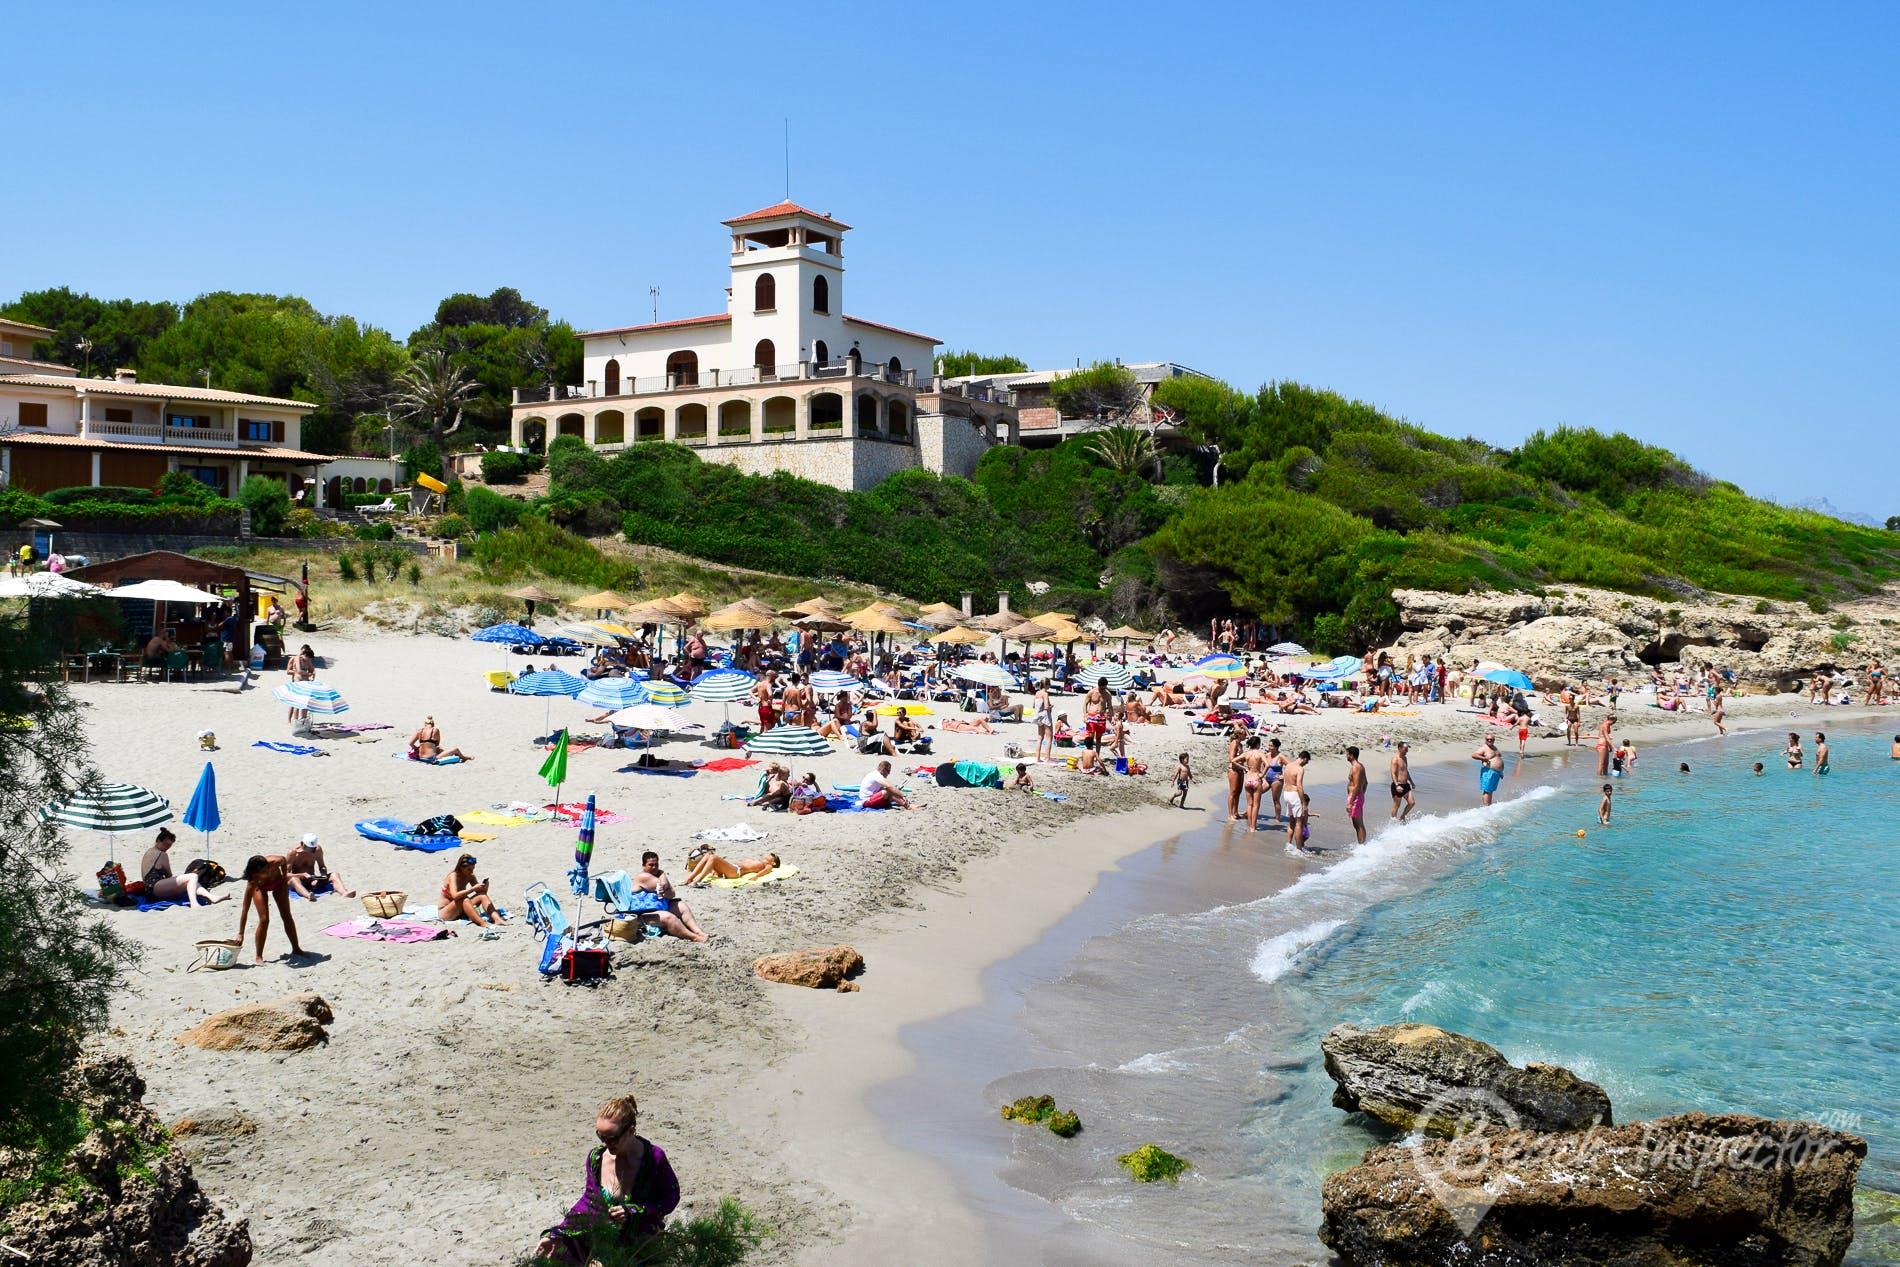 Beach Playa de Sant Pere, Majorca, Spain